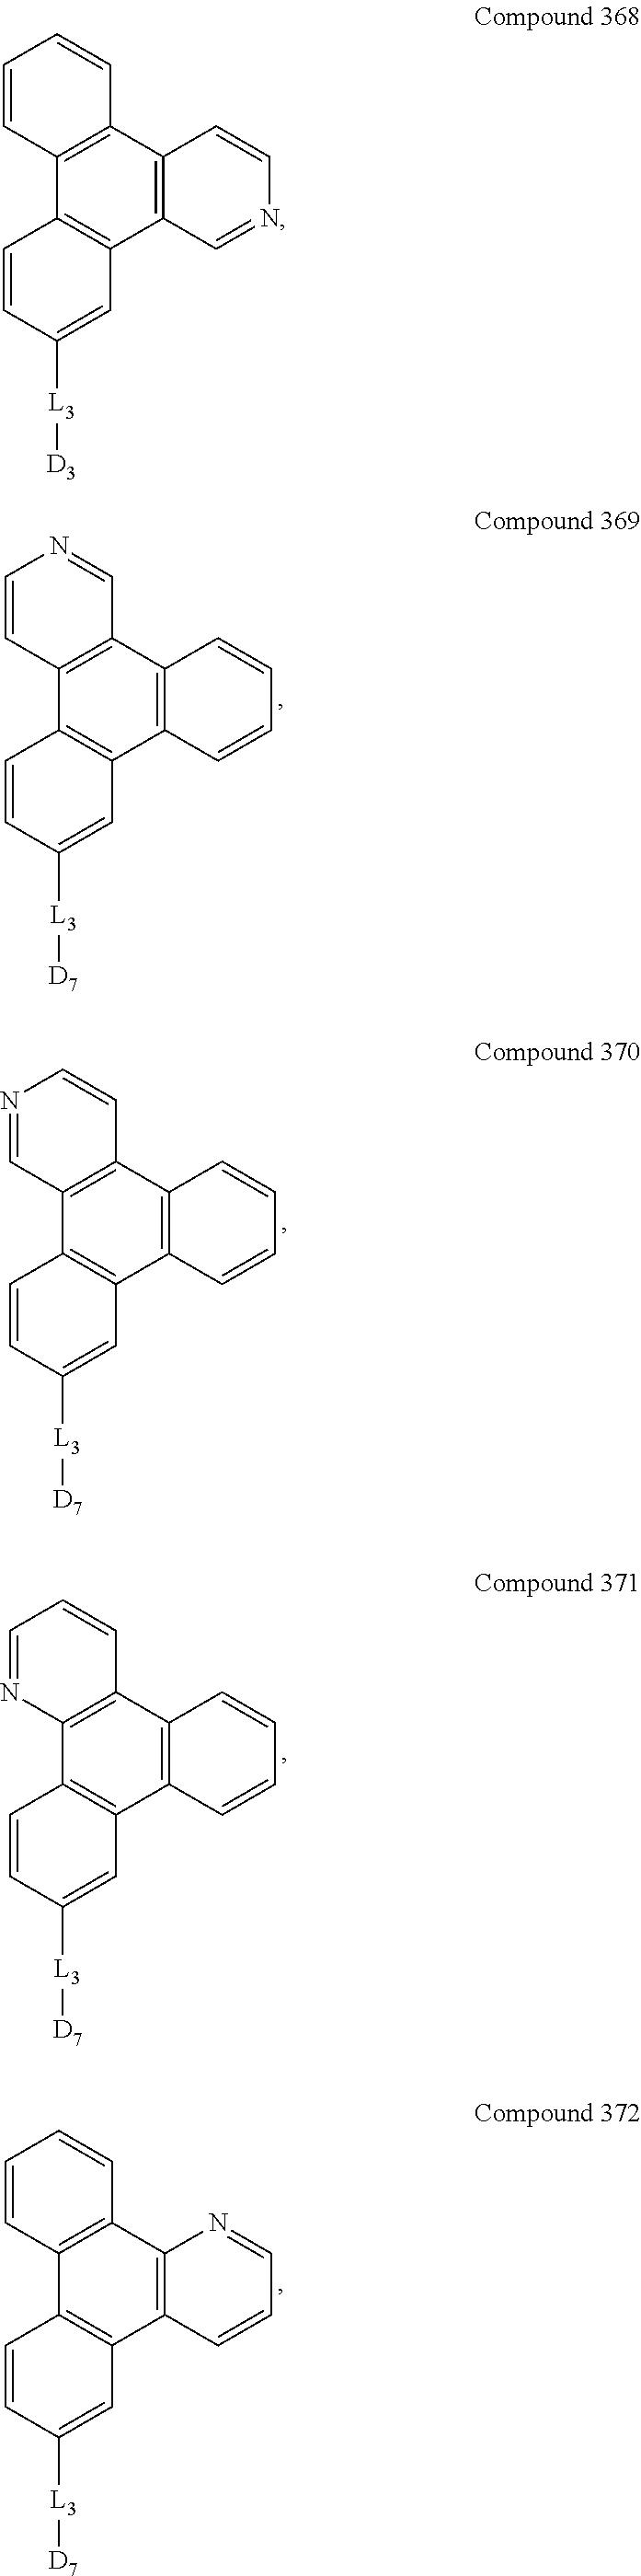 Figure US09537106-20170103-C00638